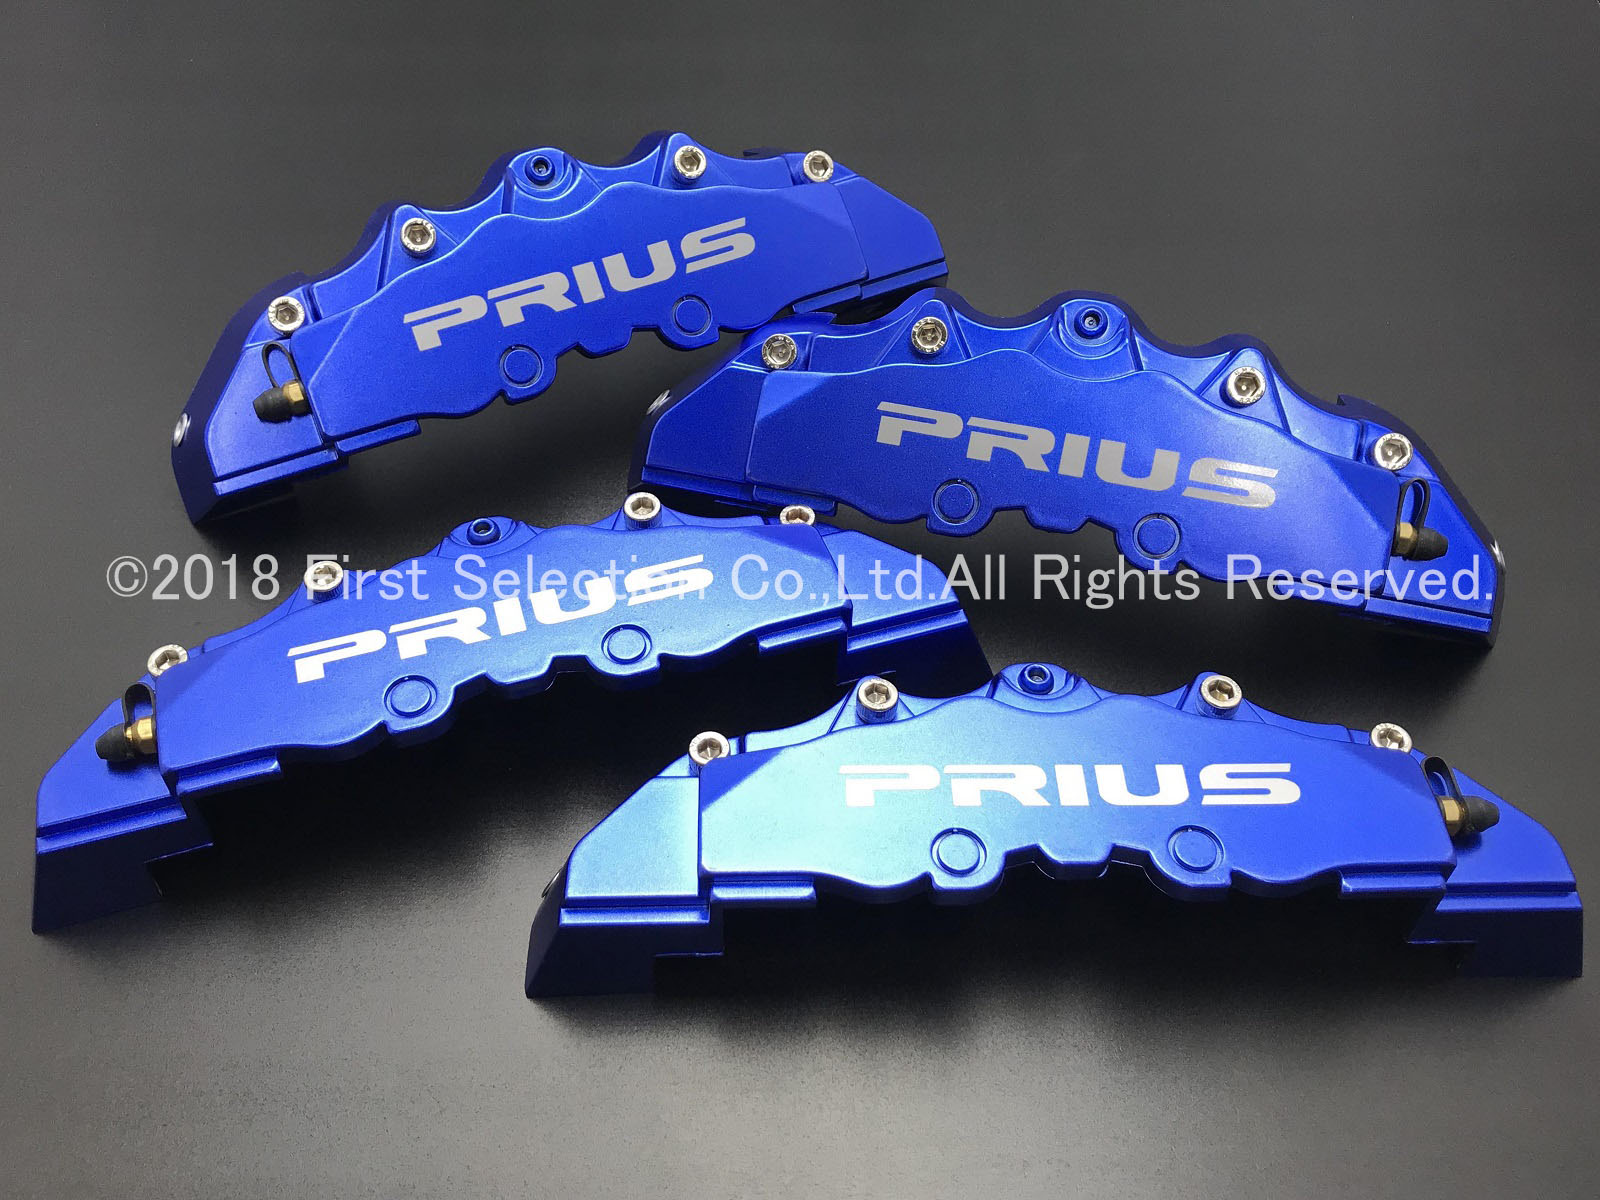 トヨタ車 PRIUSロゴ銀文字 プリウス50系専用 加工済金具付高品質キャリパーカバーM青 M/Mサイズセット